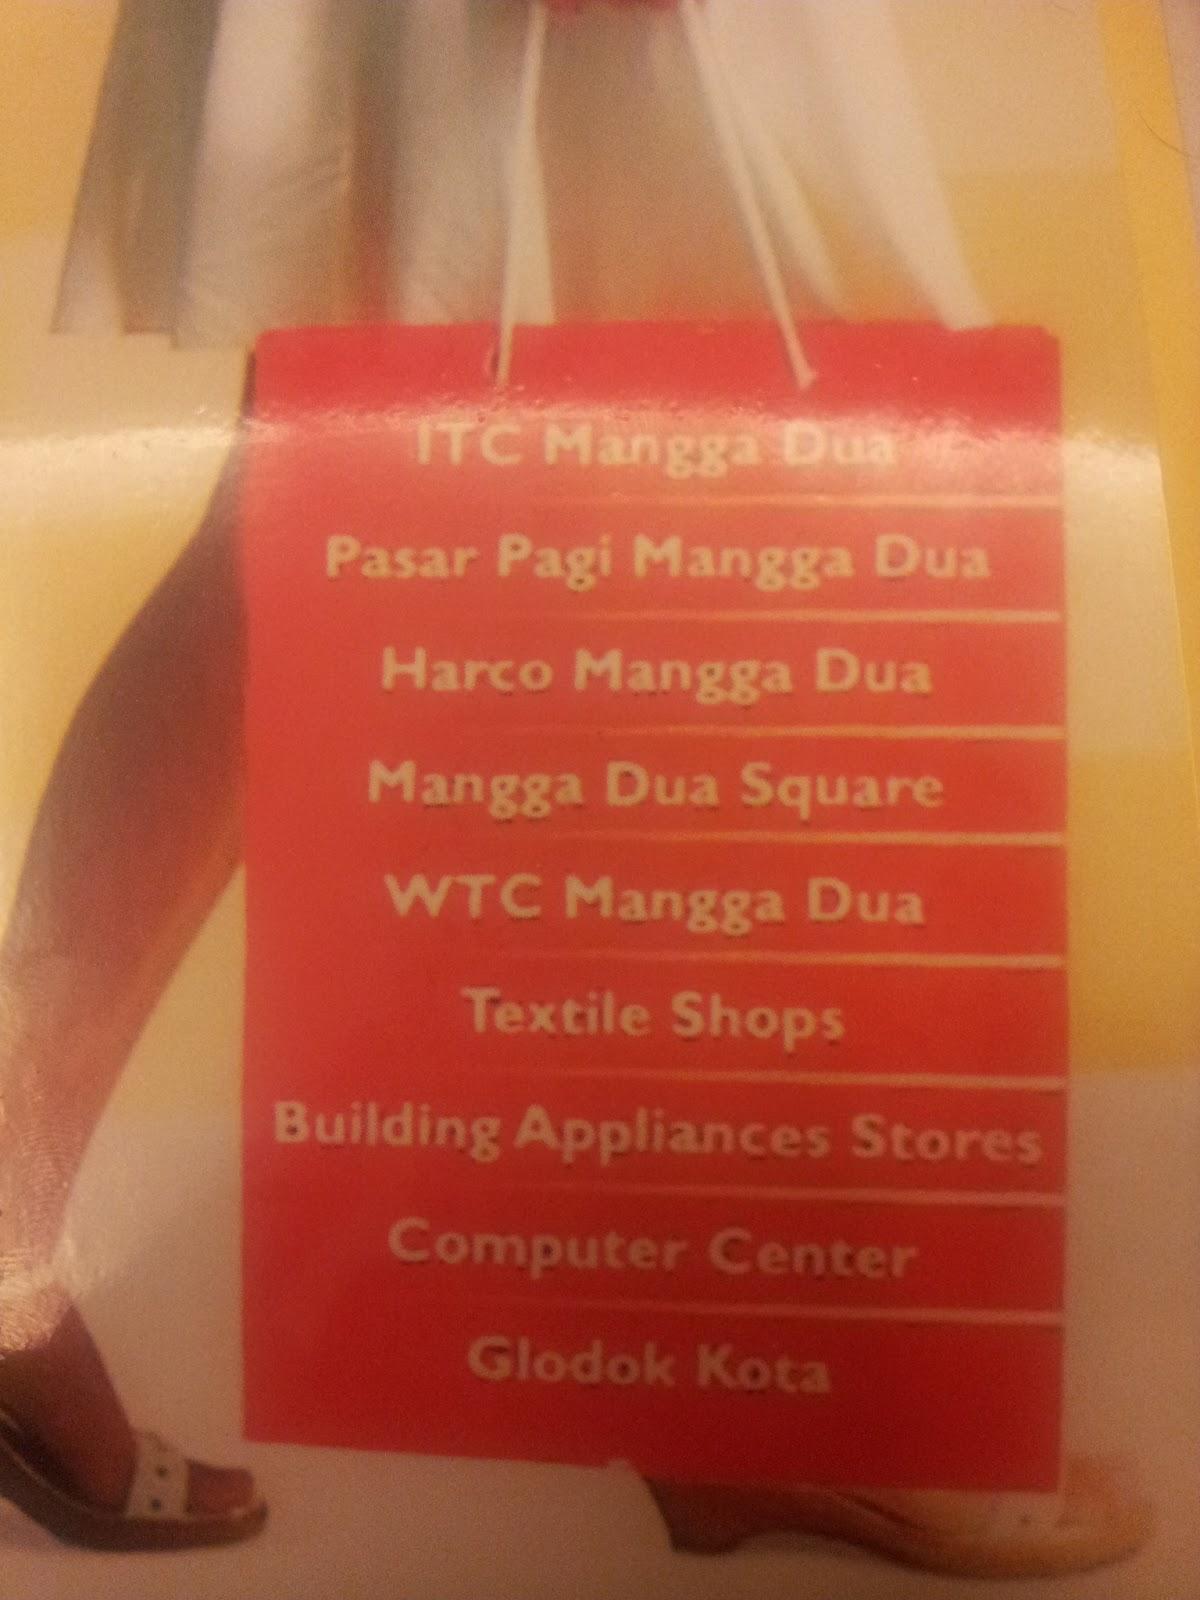 Hotel Sekitar ITC Mangga Dua, ITC Mangga Dua, Ancol